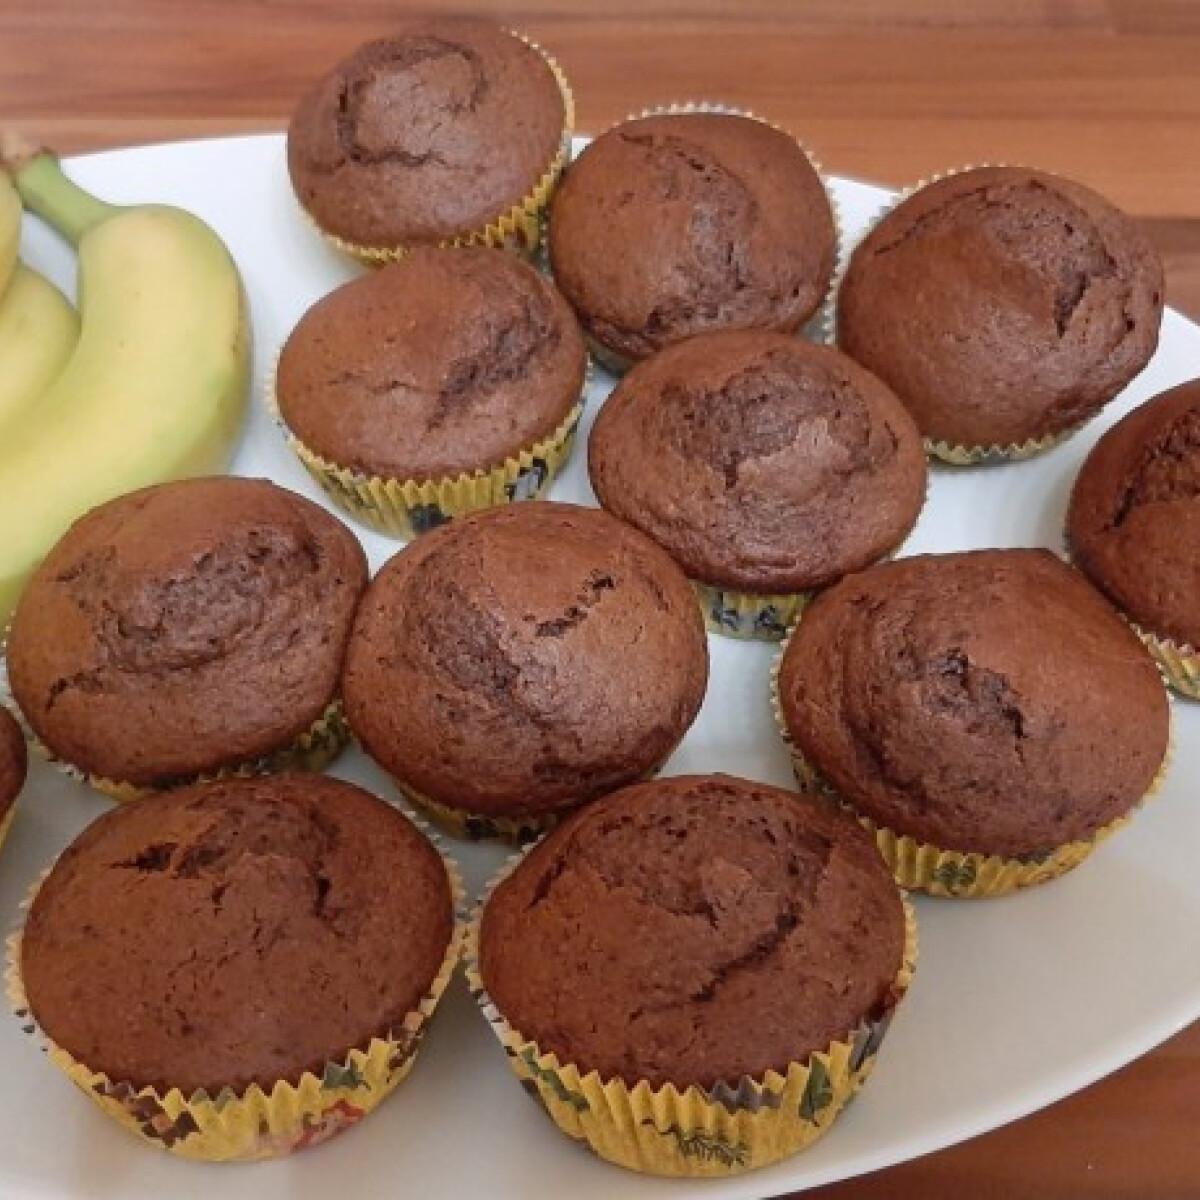 Banános csokis muffin Bazsarózsa konyhájából